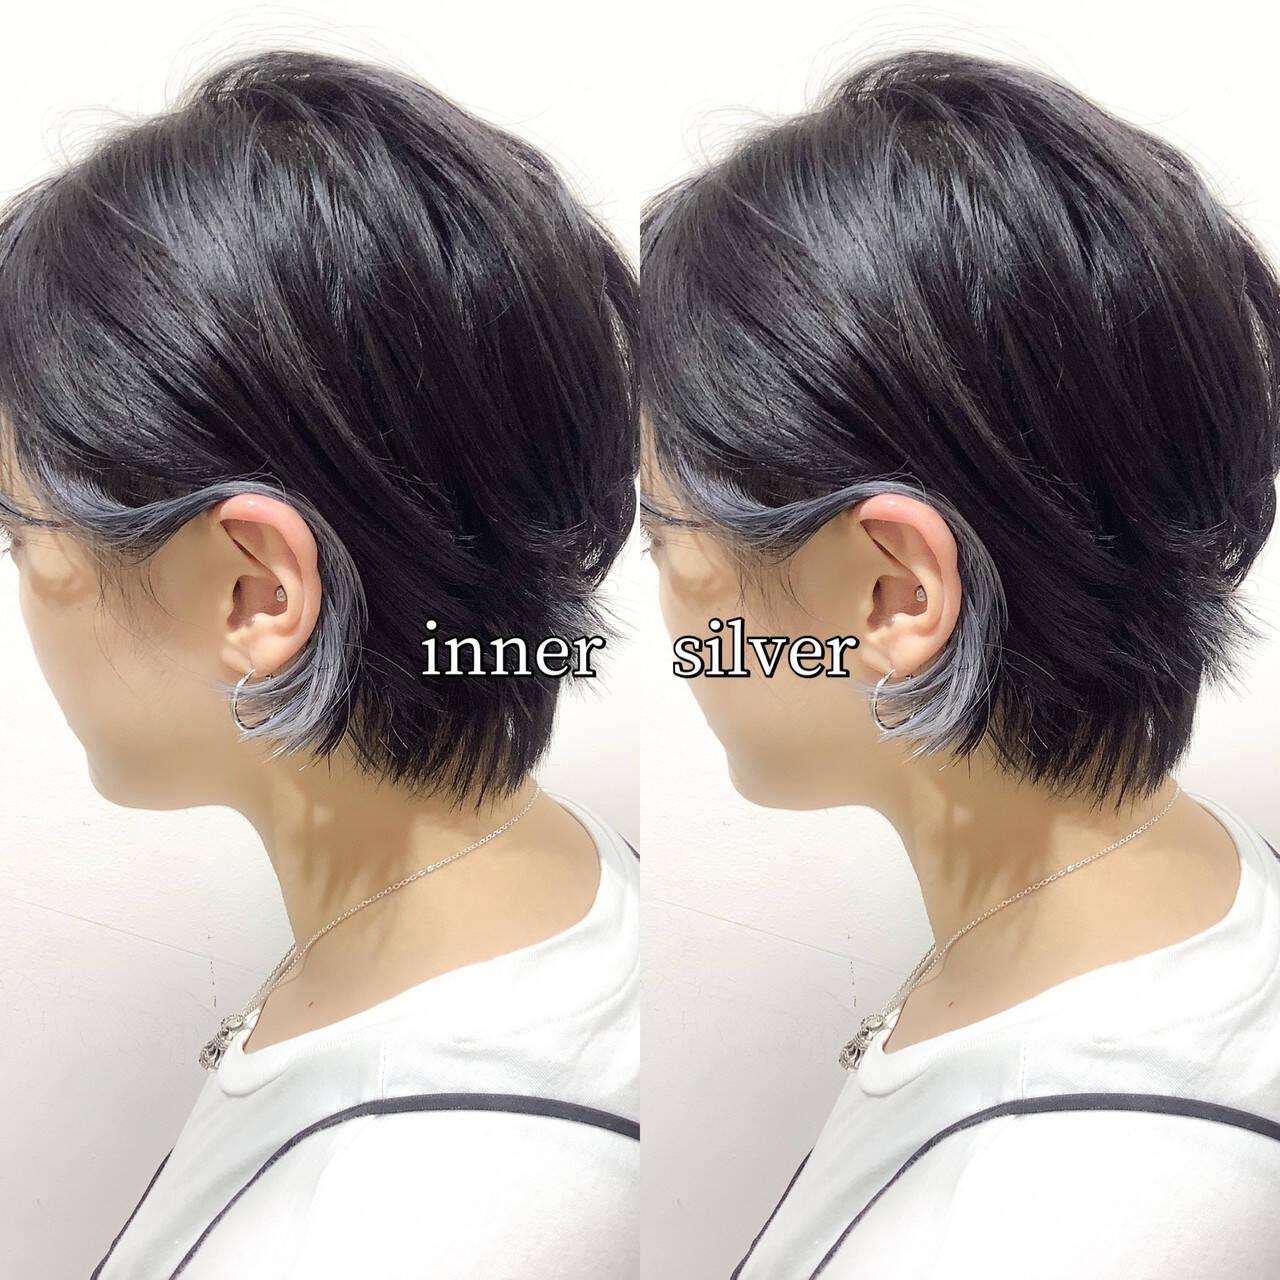 ヘアカラー シルバー シルバーグレー インナーカラーシルバーヘアスタイルや髪型の写真・画像